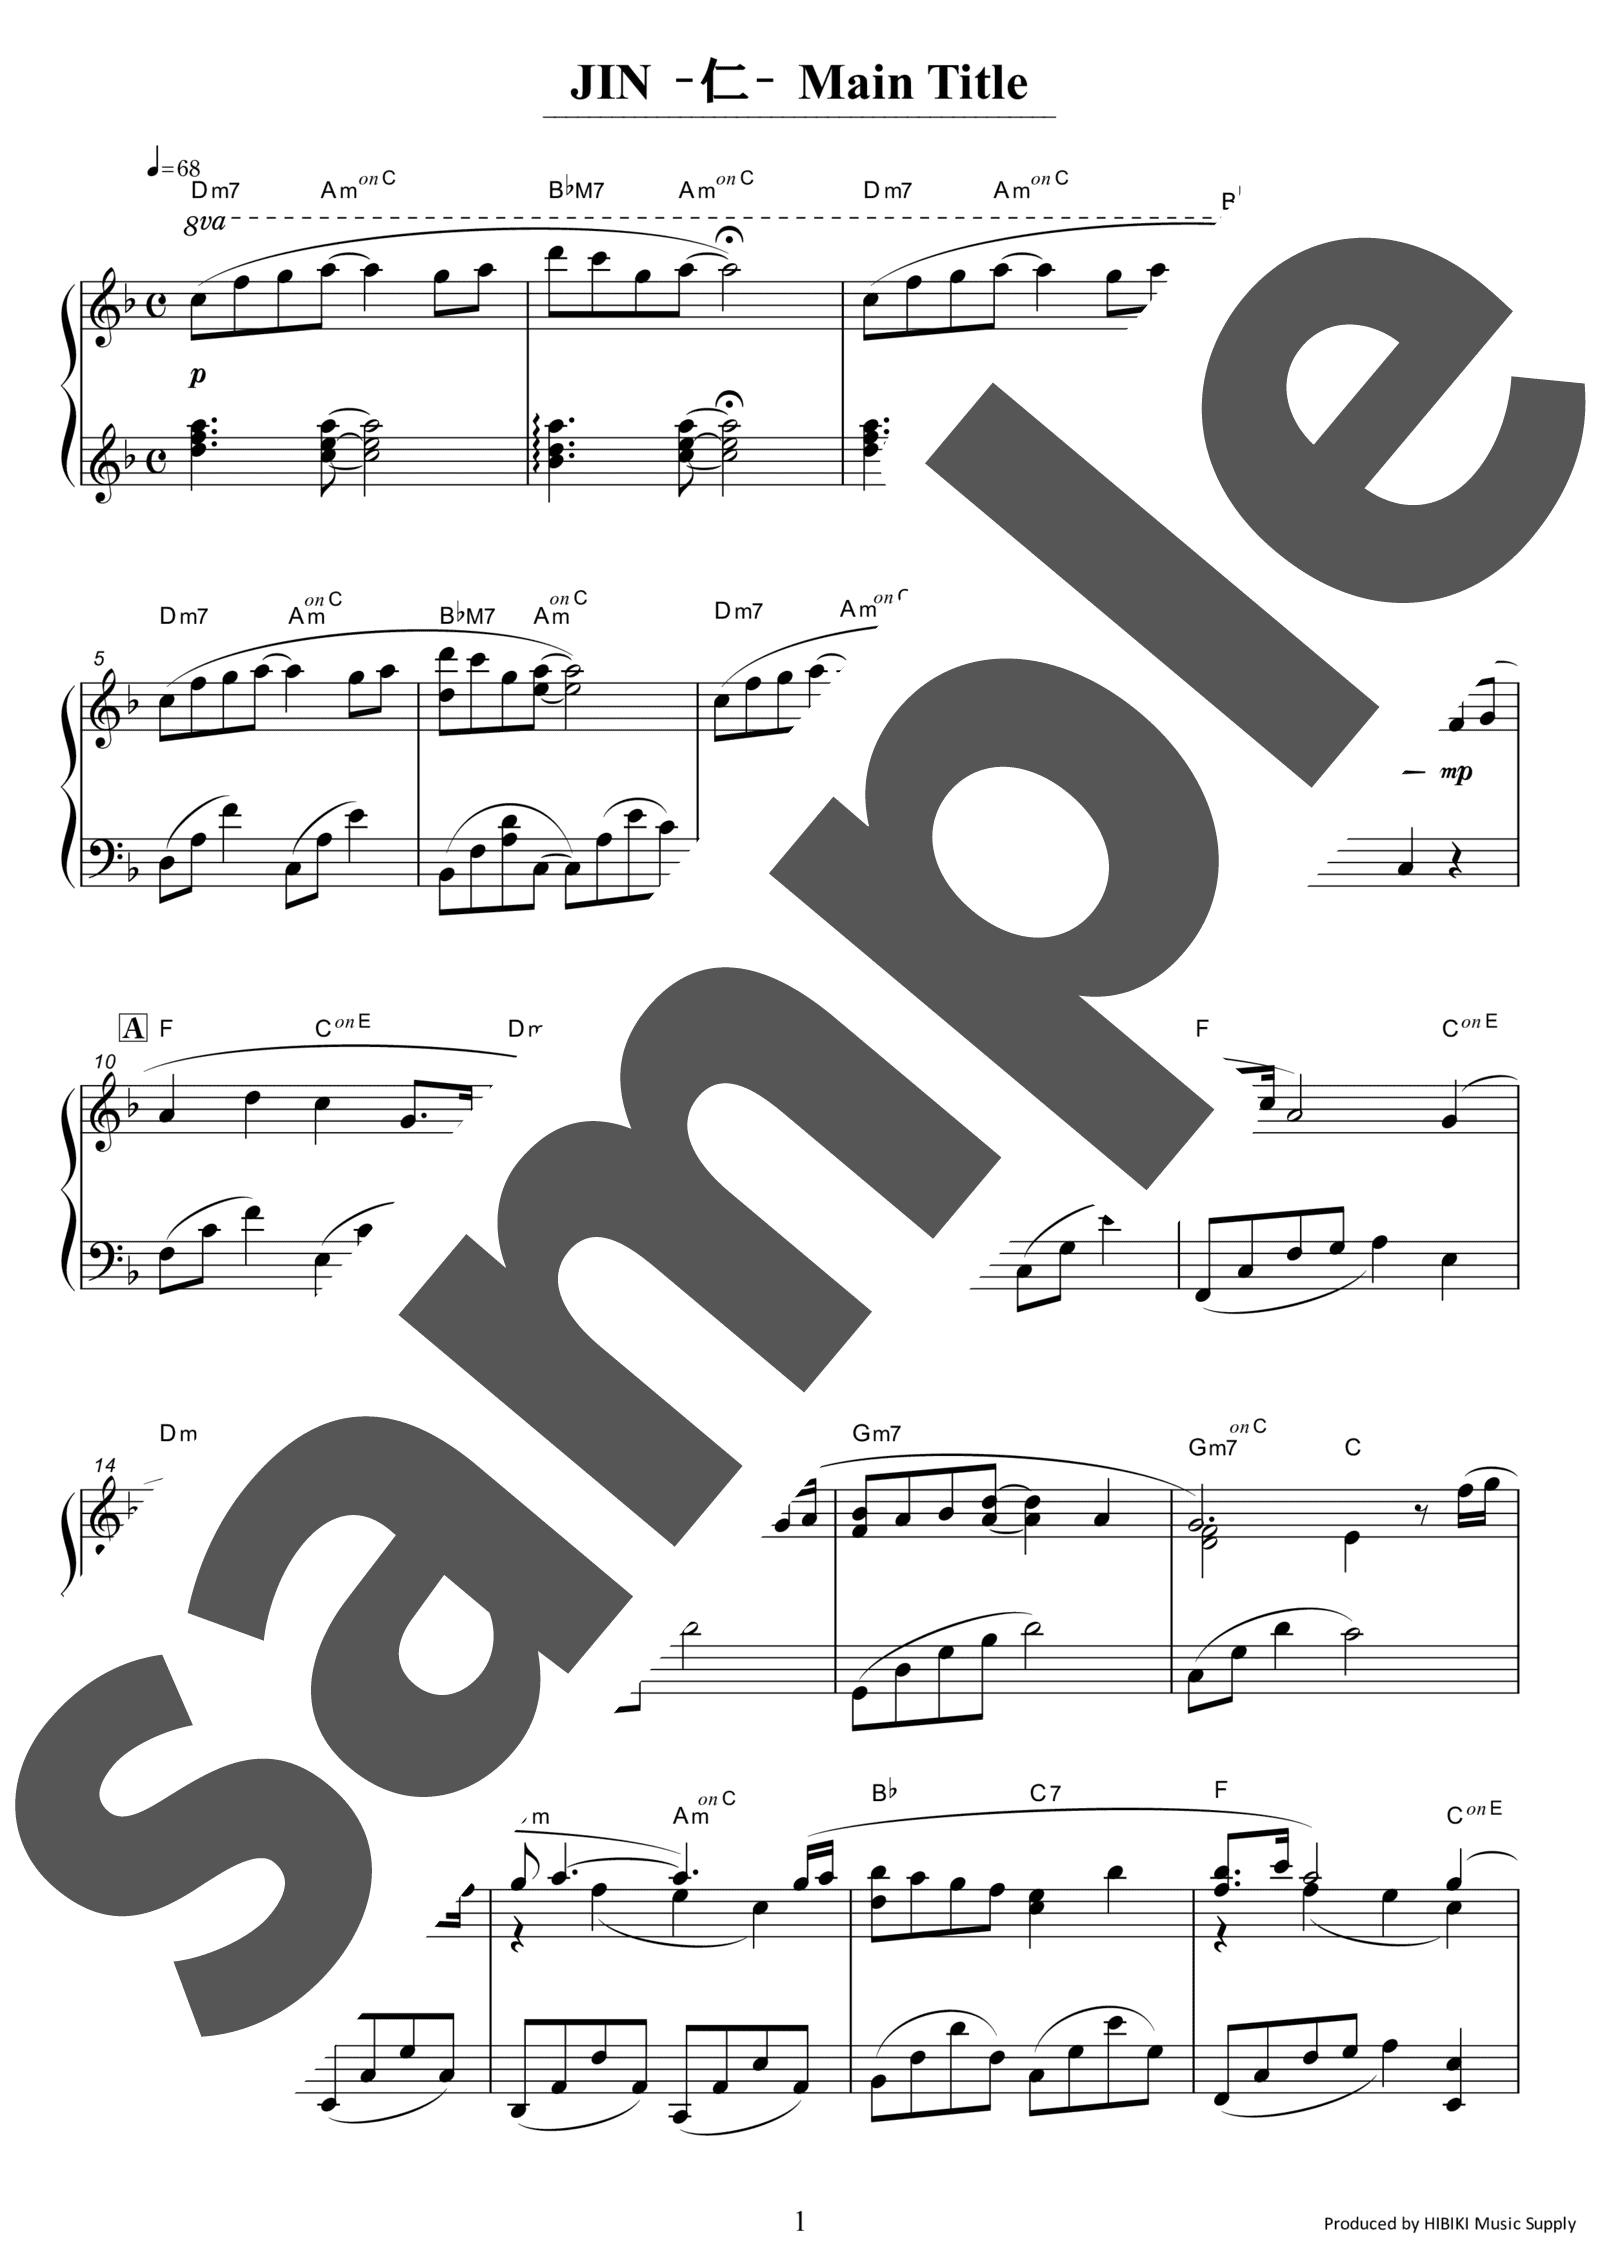 「JIN -仁- Main Title」のサンプル楽譜